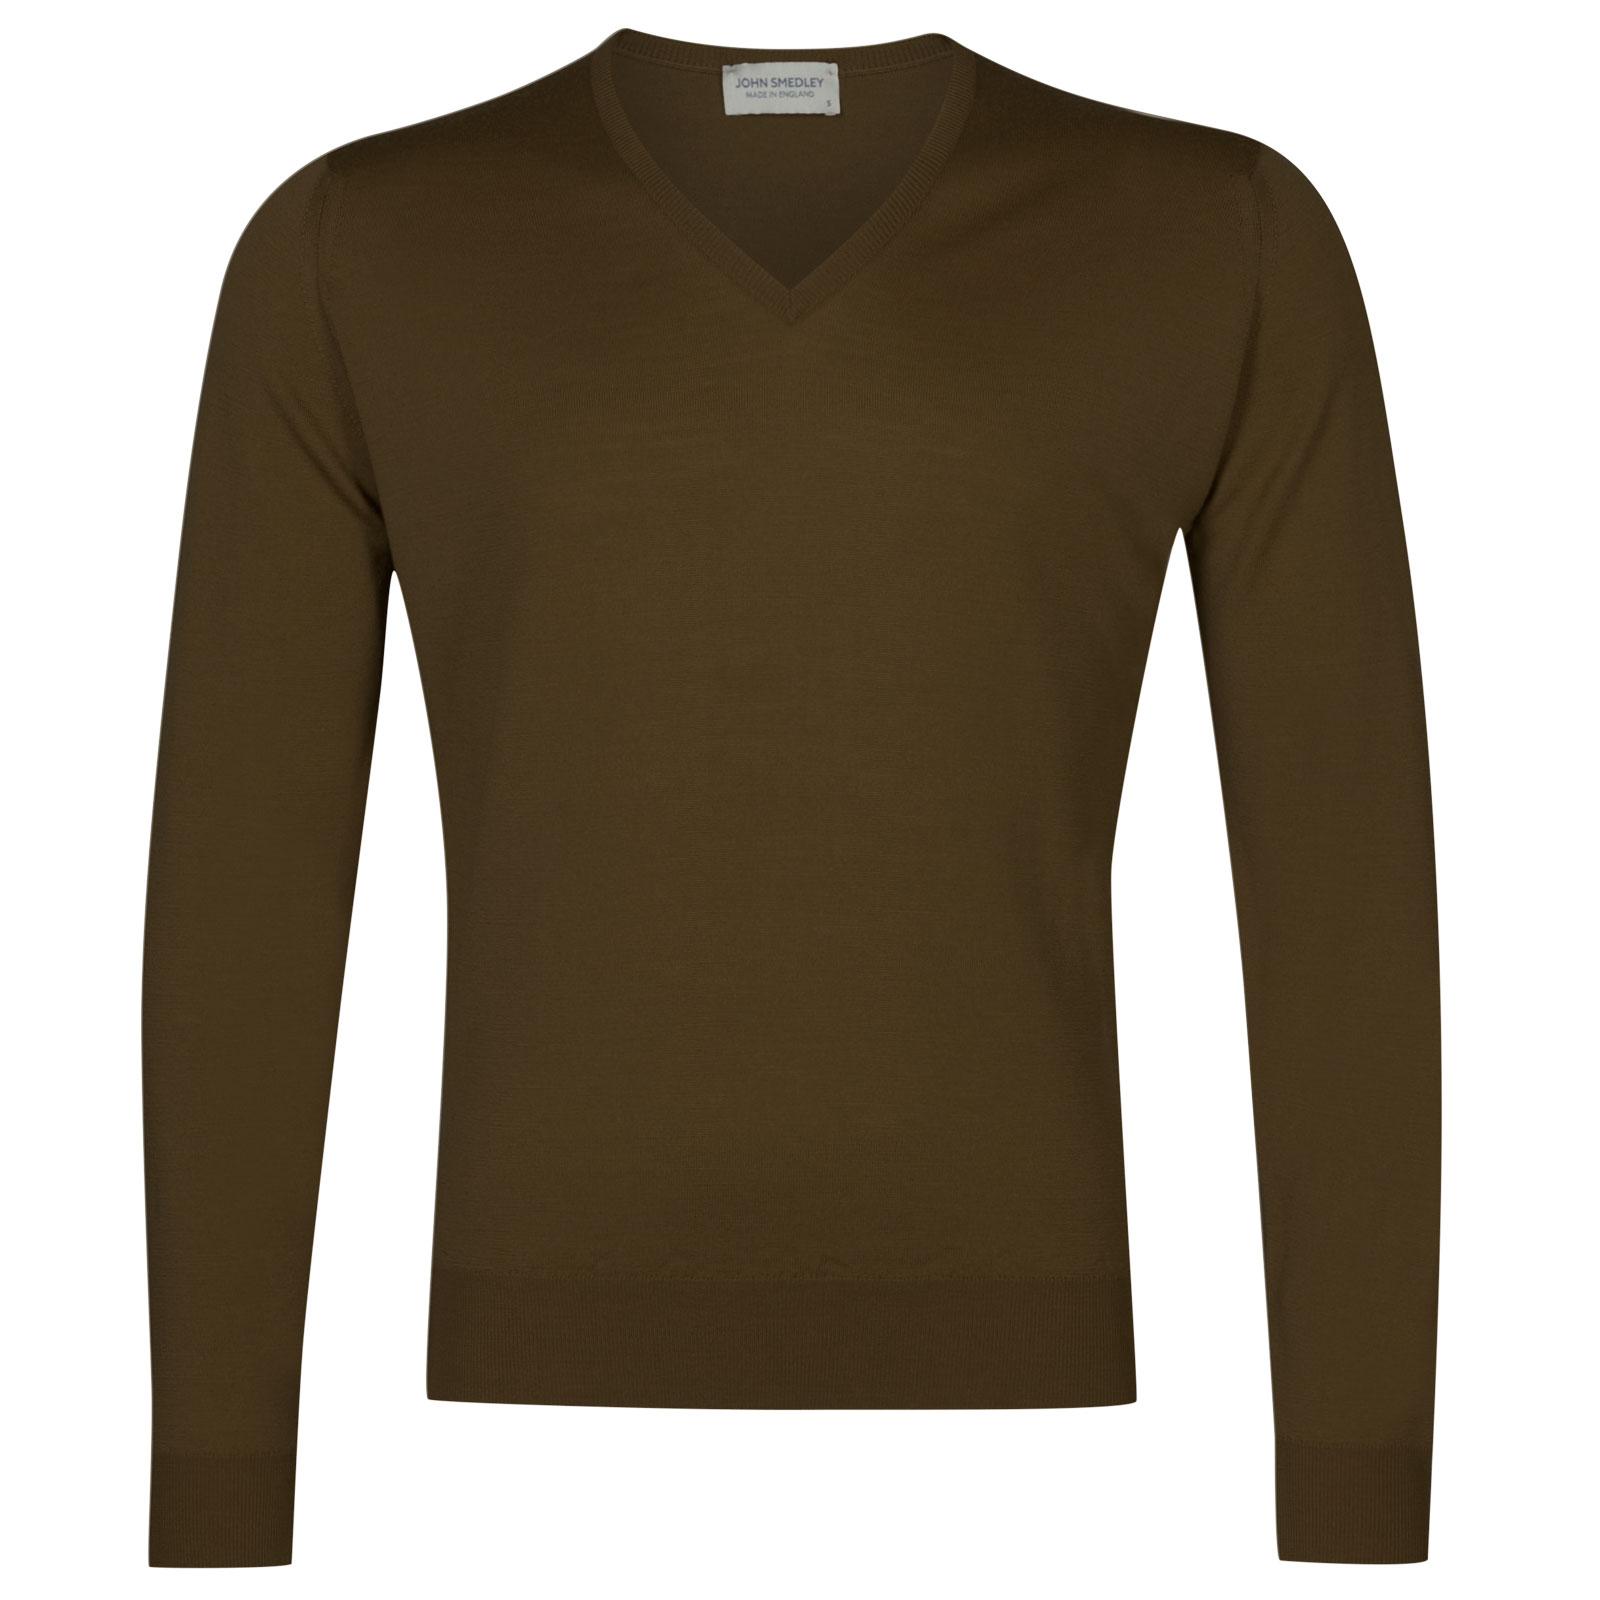 John Smedley Lugano Merino Wool Pullover in Kielder Green-M